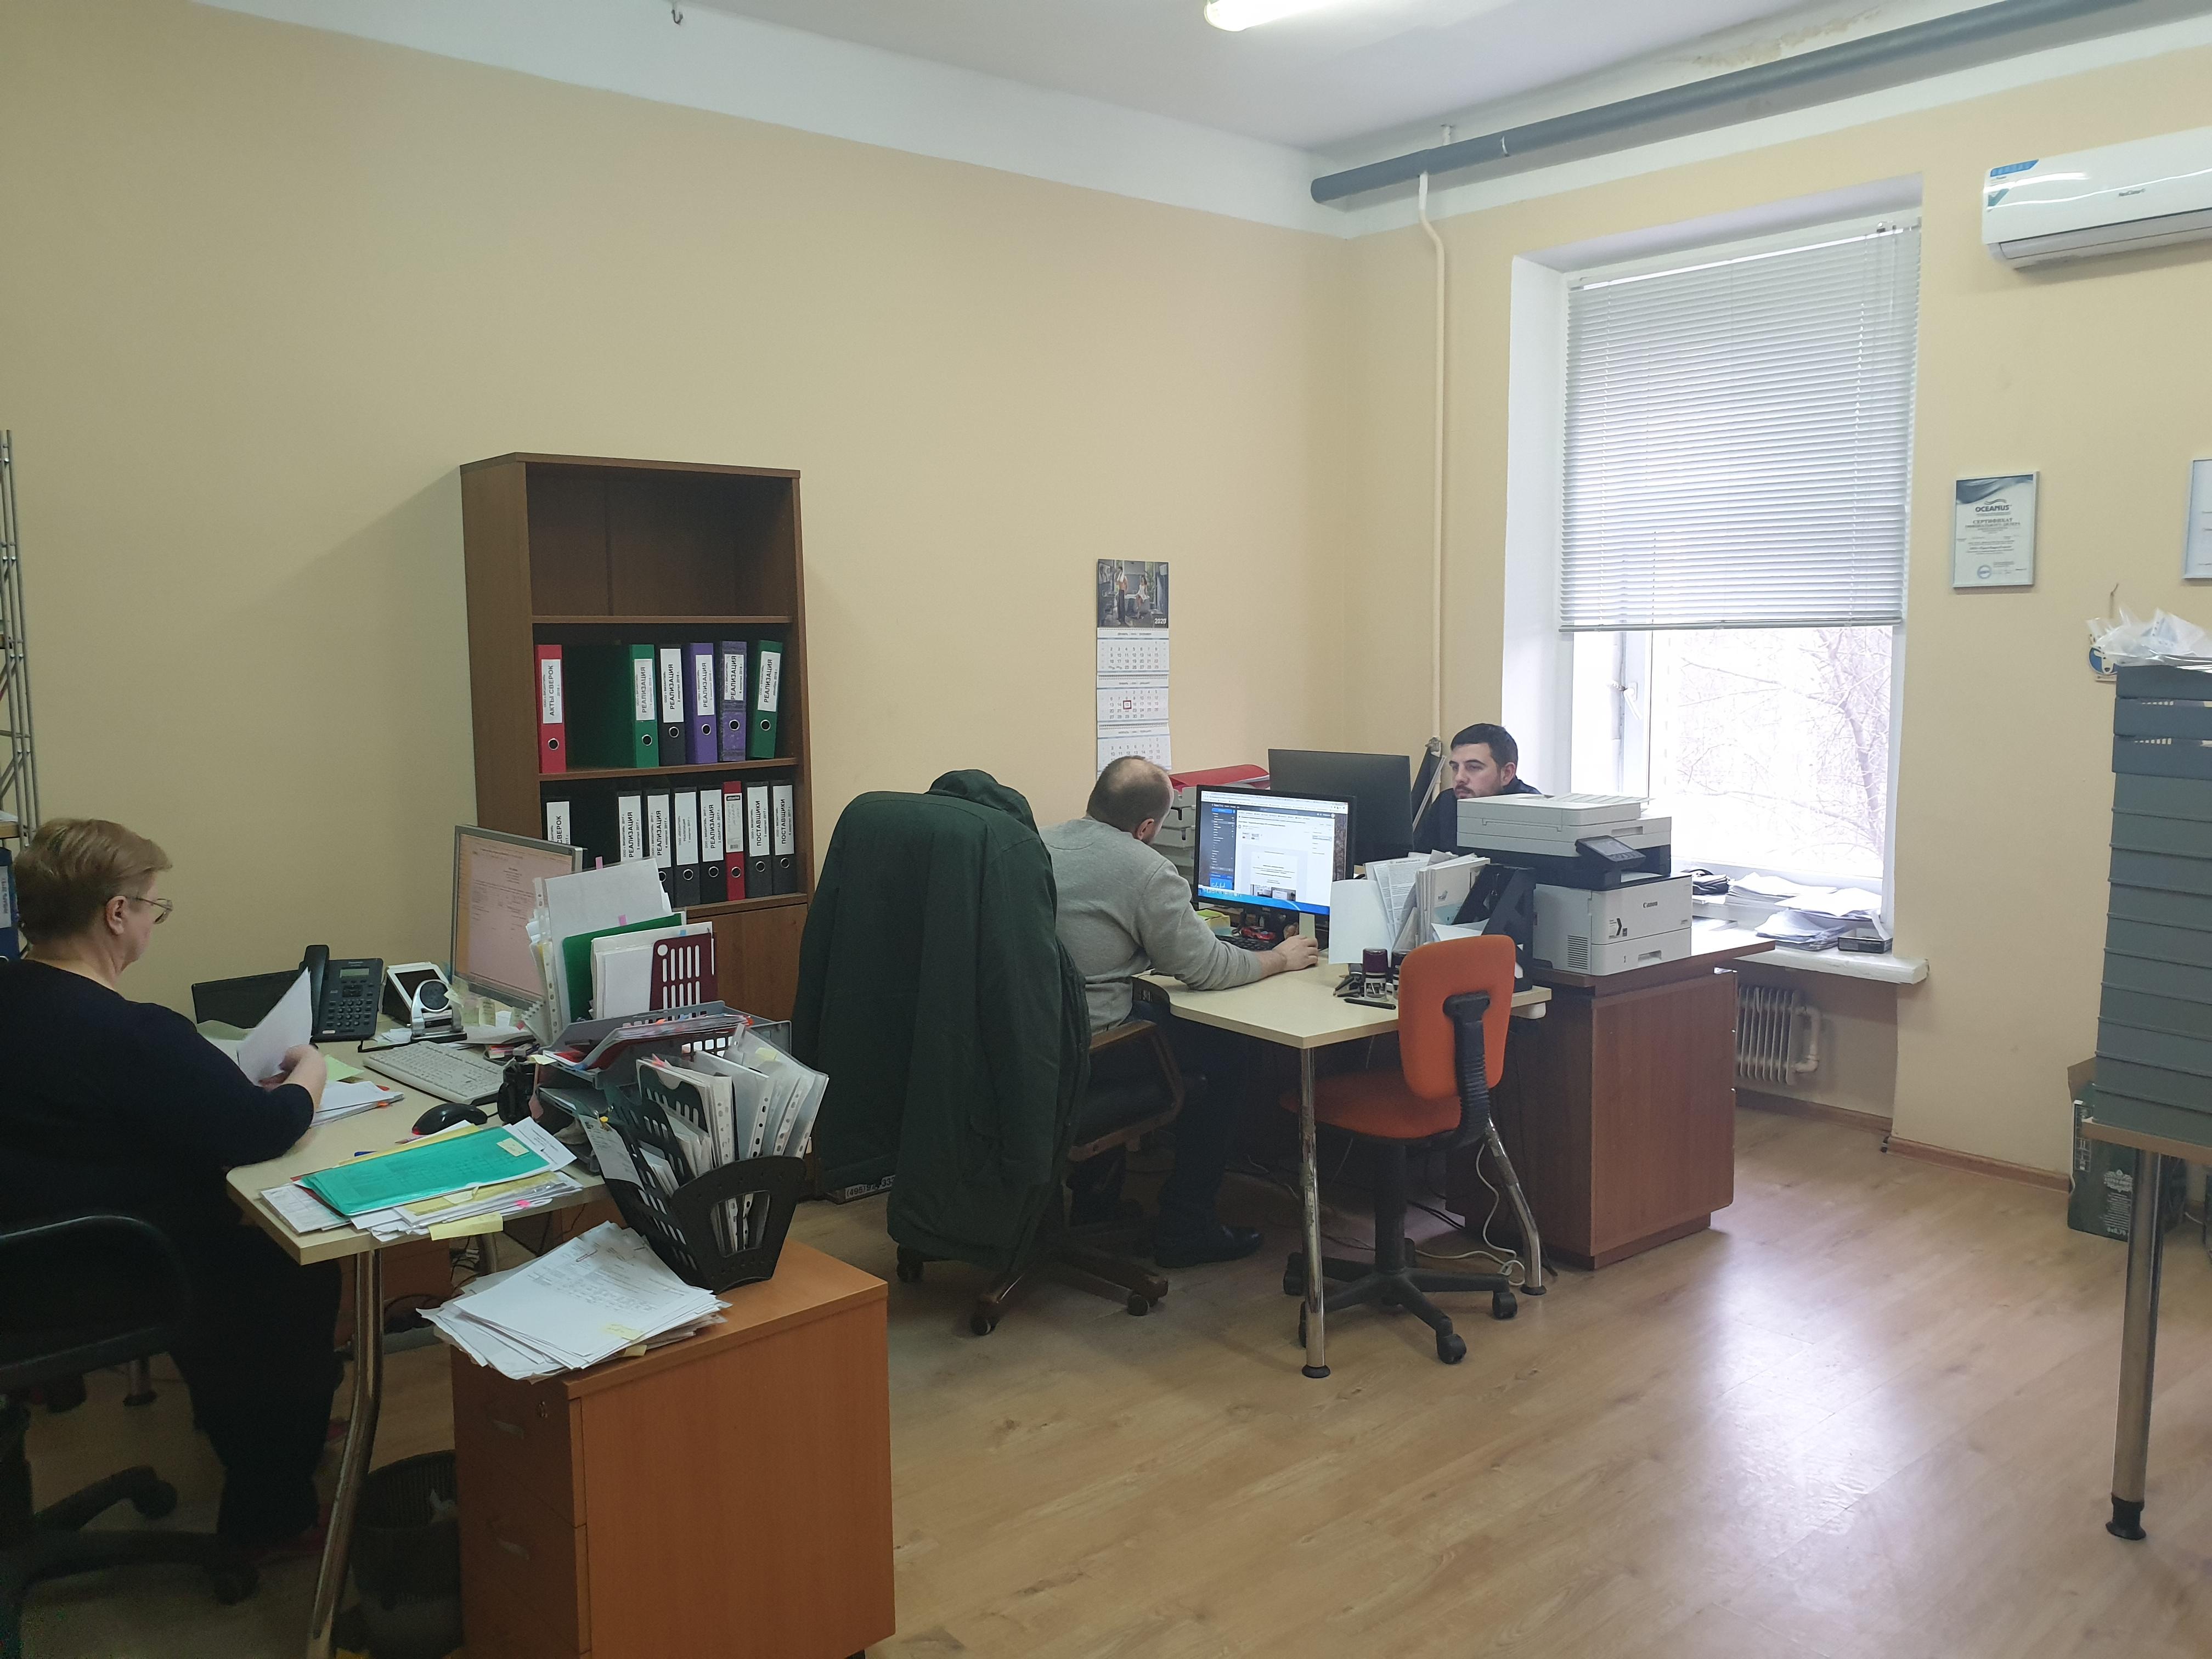 офис компании Sanok.ru